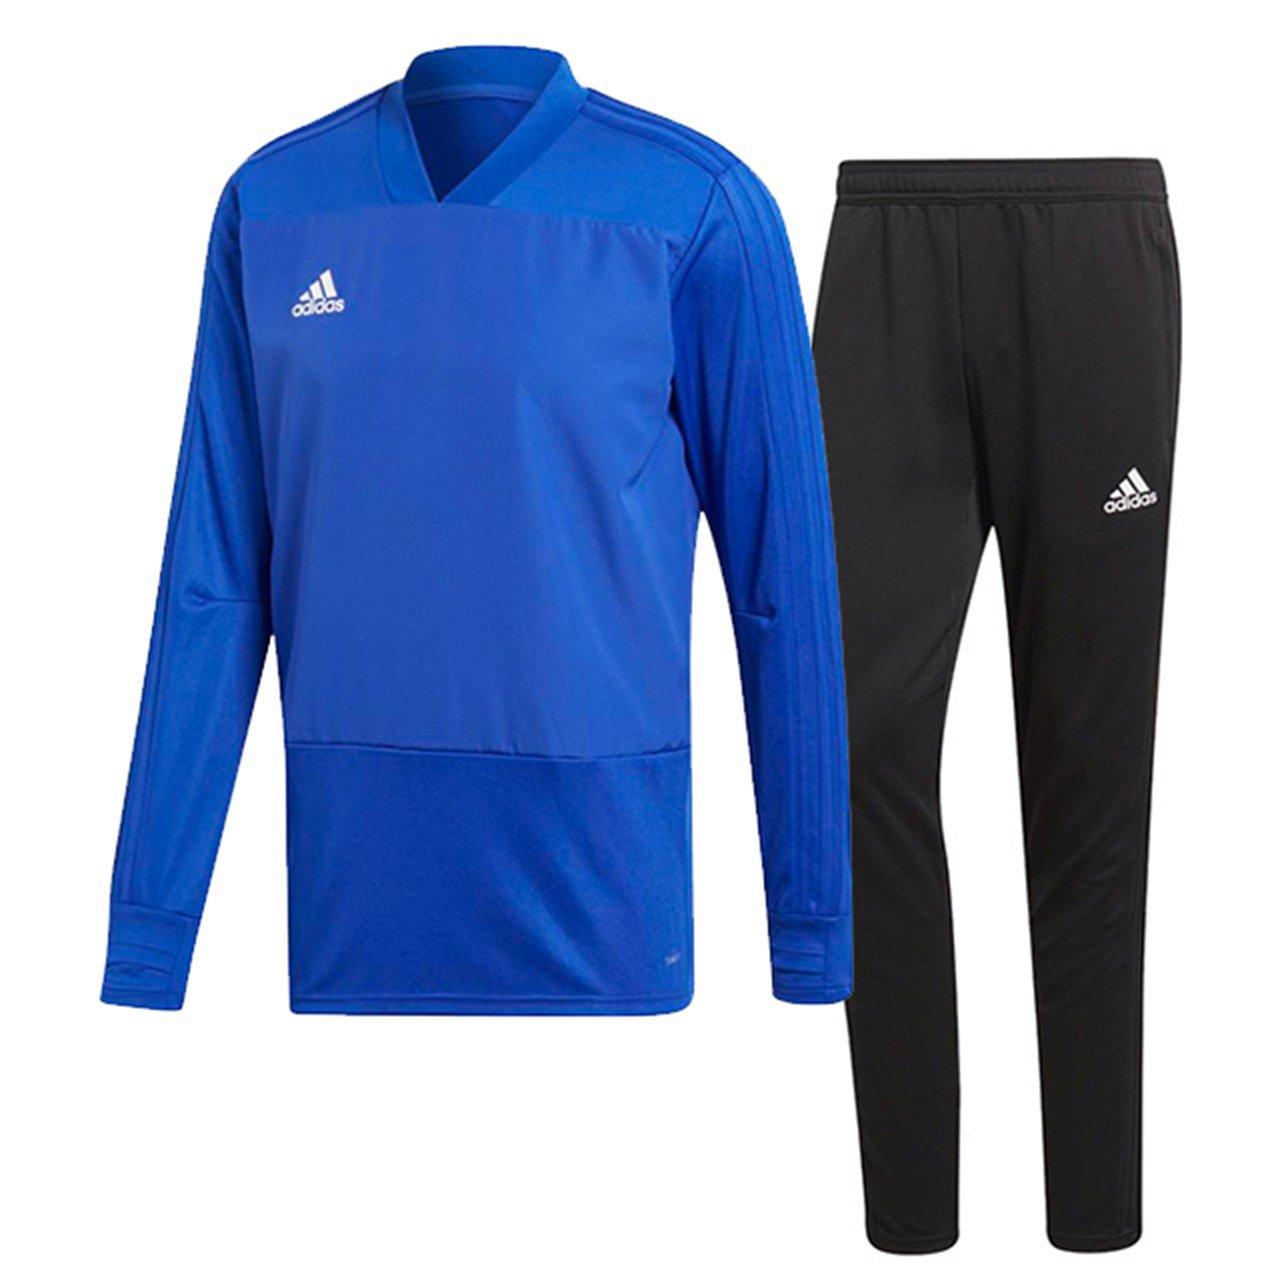 アディダス(adidas) CONDIVO18 トレーニングウエア 上下セット(ボールドブルー/ブラック) DJV18-CG0381-DJU99-BS0526 B0798D8LYL 日本 J2XO-(日本サイズ3XL相当)|ボールドブルー×ブラック ボールドブルー×ブラック 日本 J2XO-(日本サイズ3XL相当)